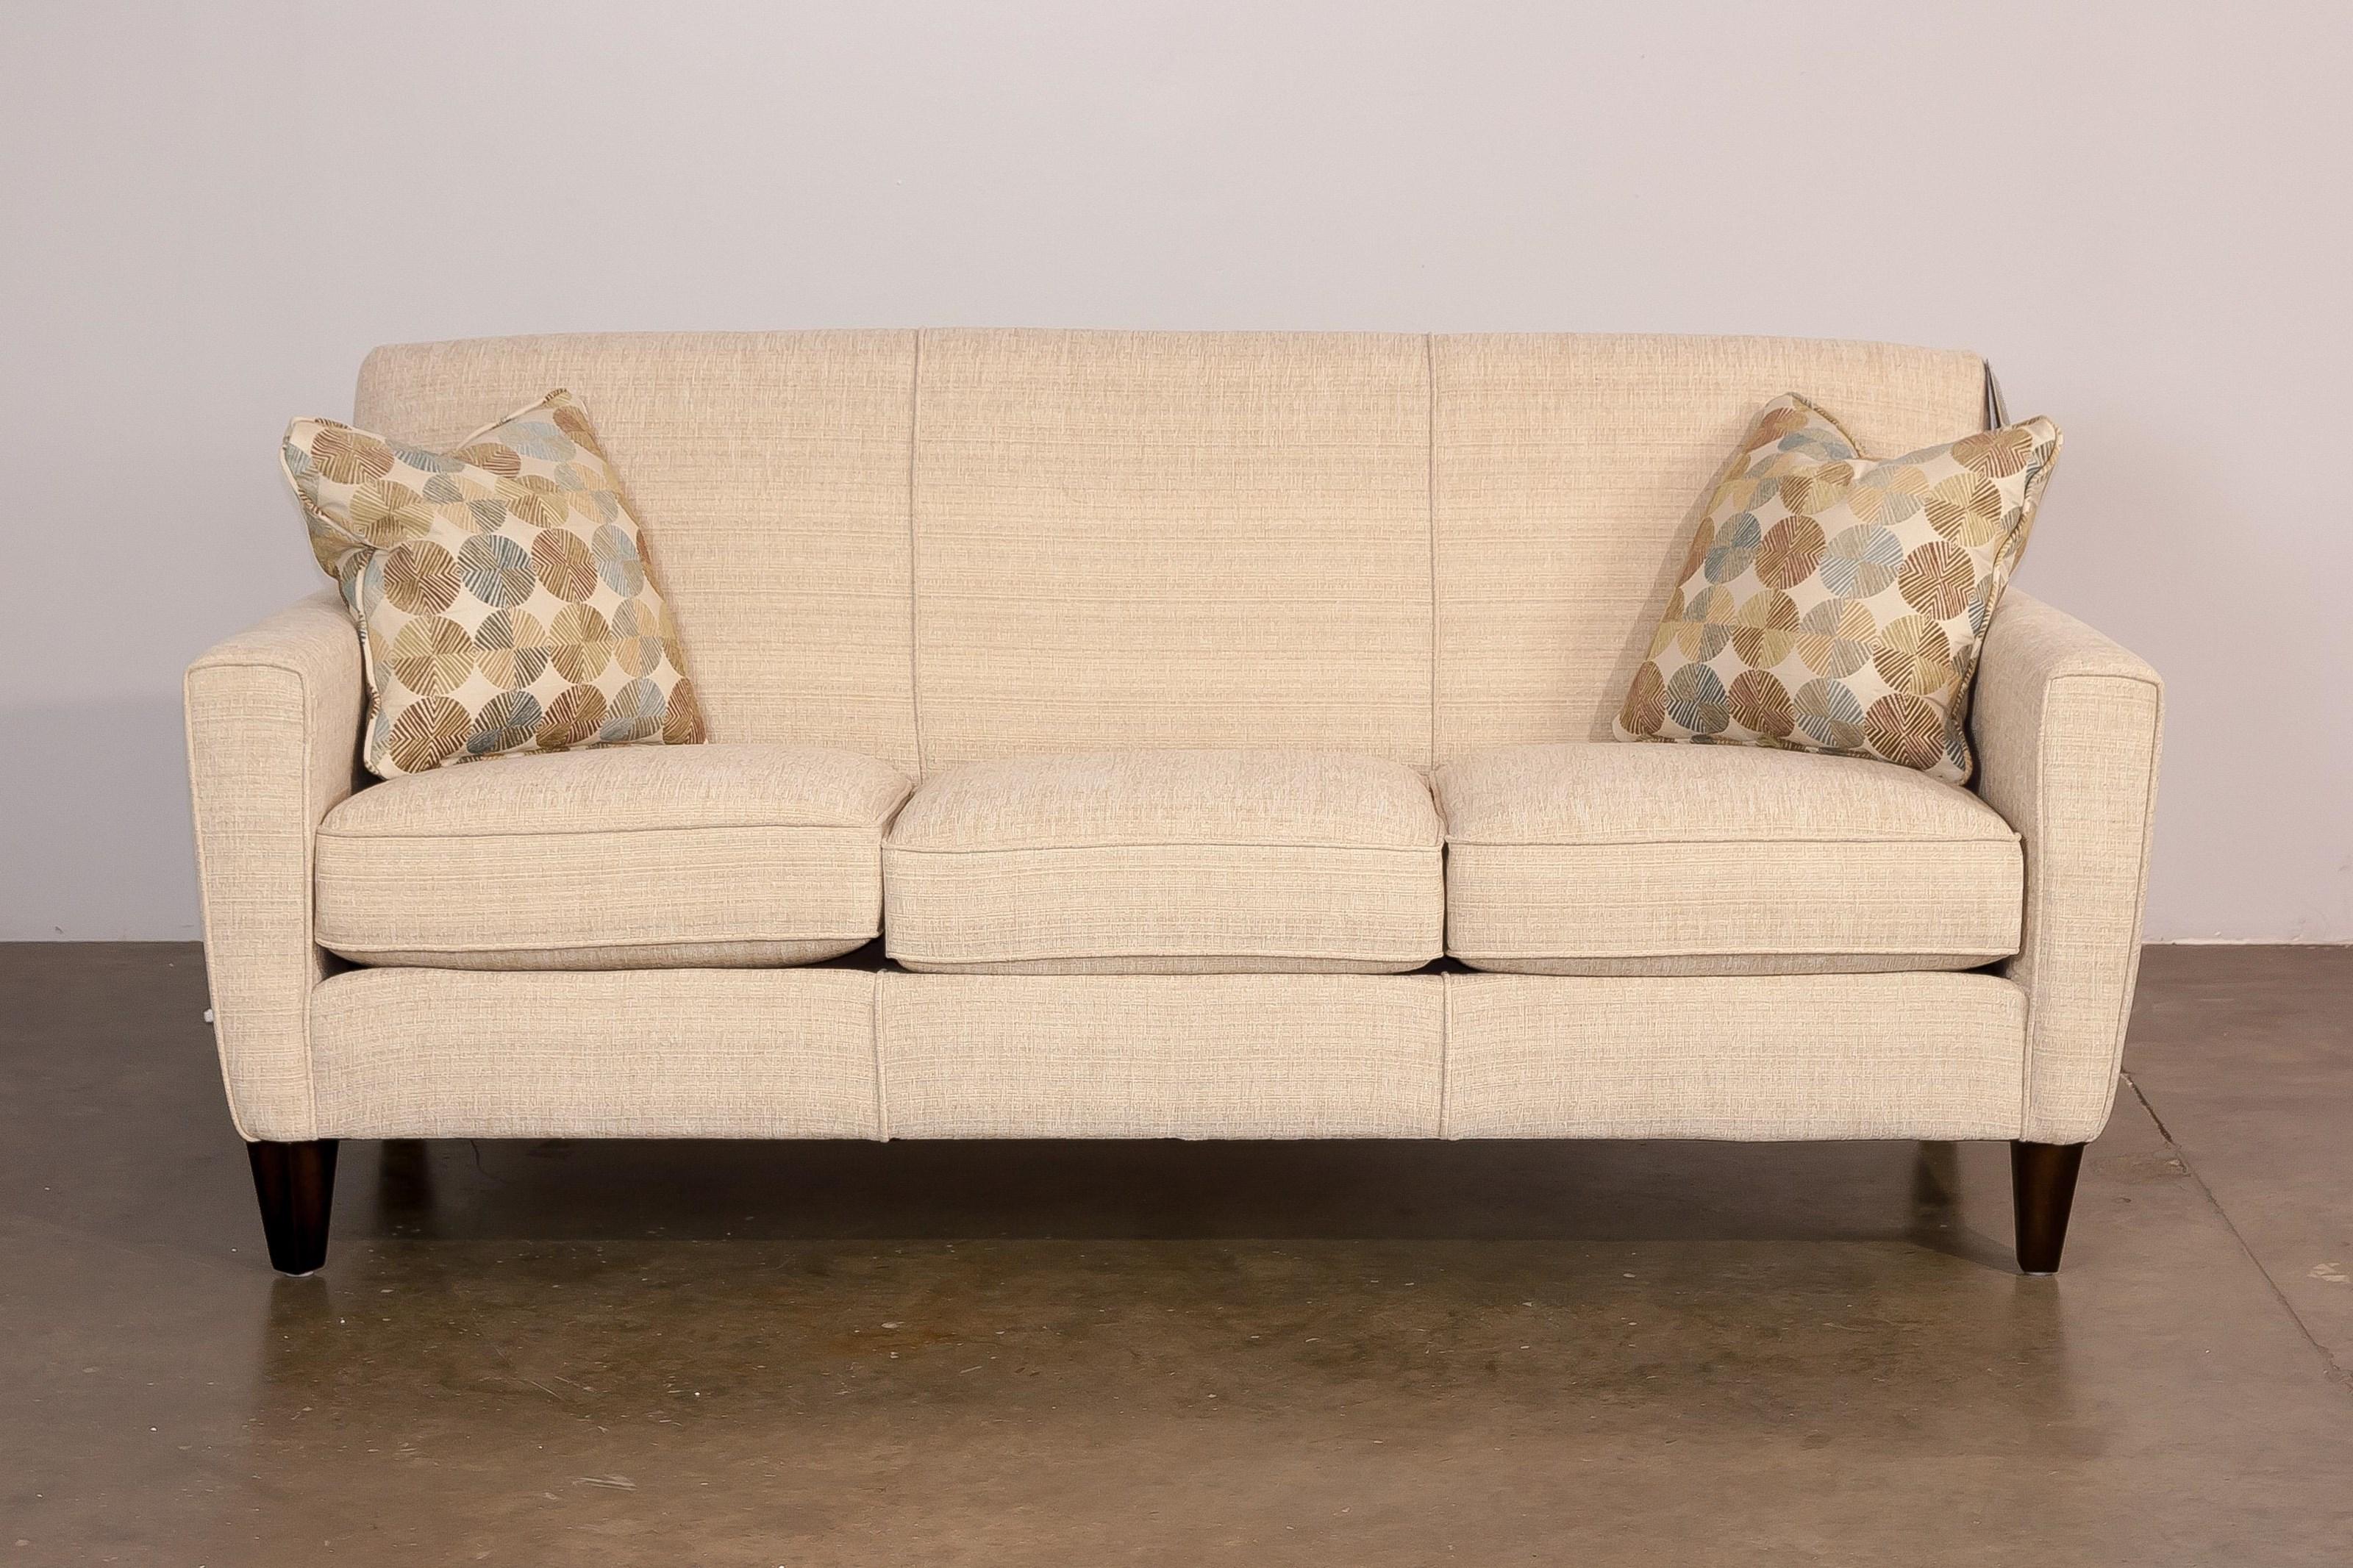 Flexsteel digby upholstered sofa hudson 39 s furniture sofa for Hudsons furniture